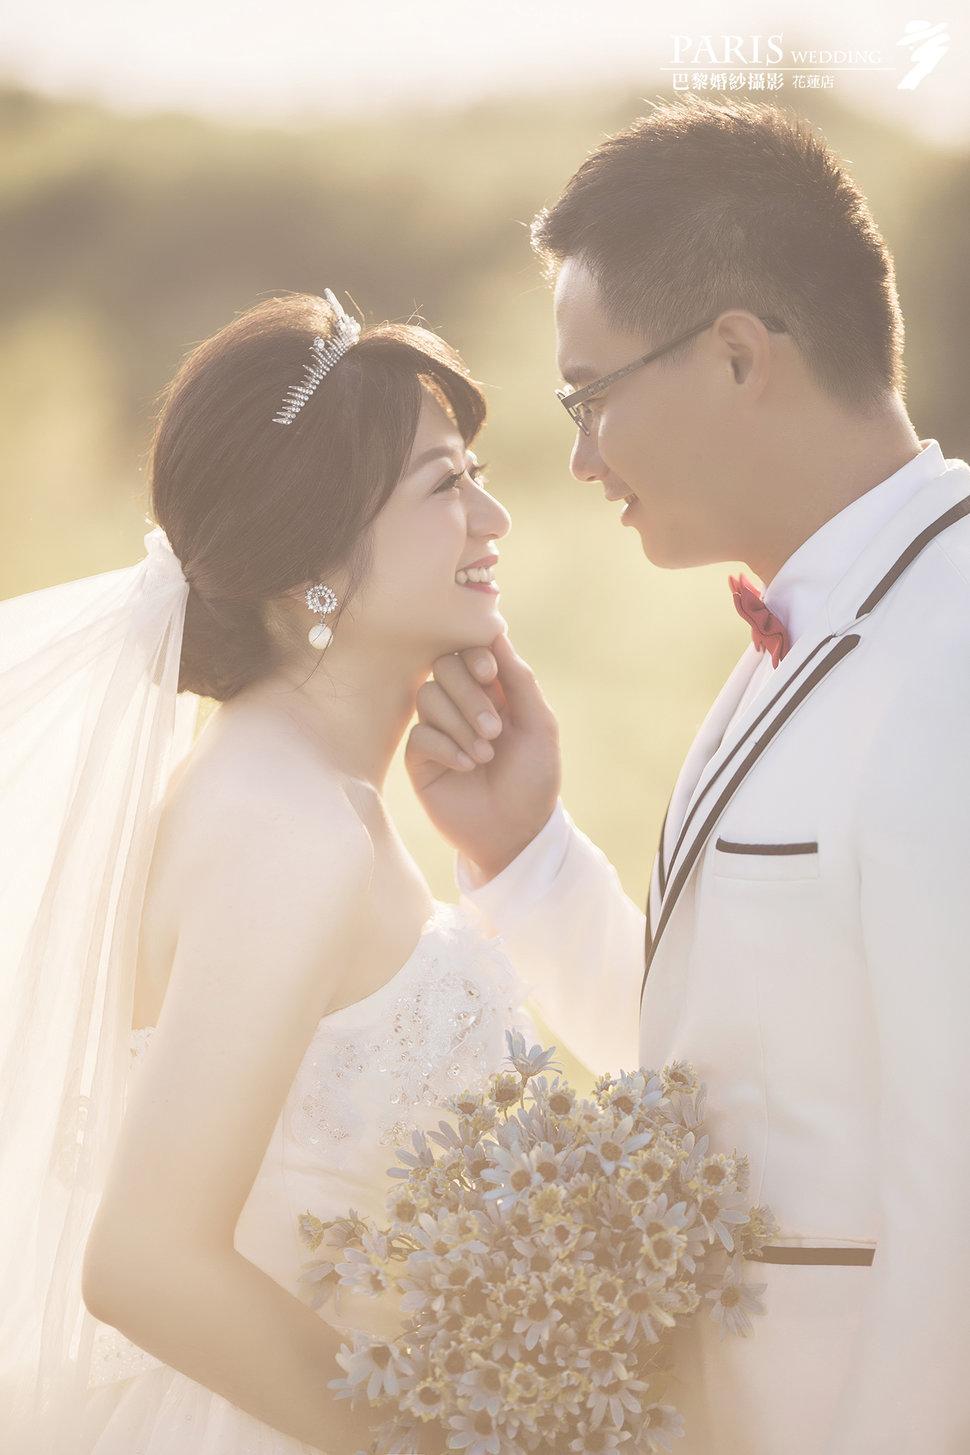 jacky-0167 拷貝 - 花蓮巴黎婚紗攝影《結婚吧》